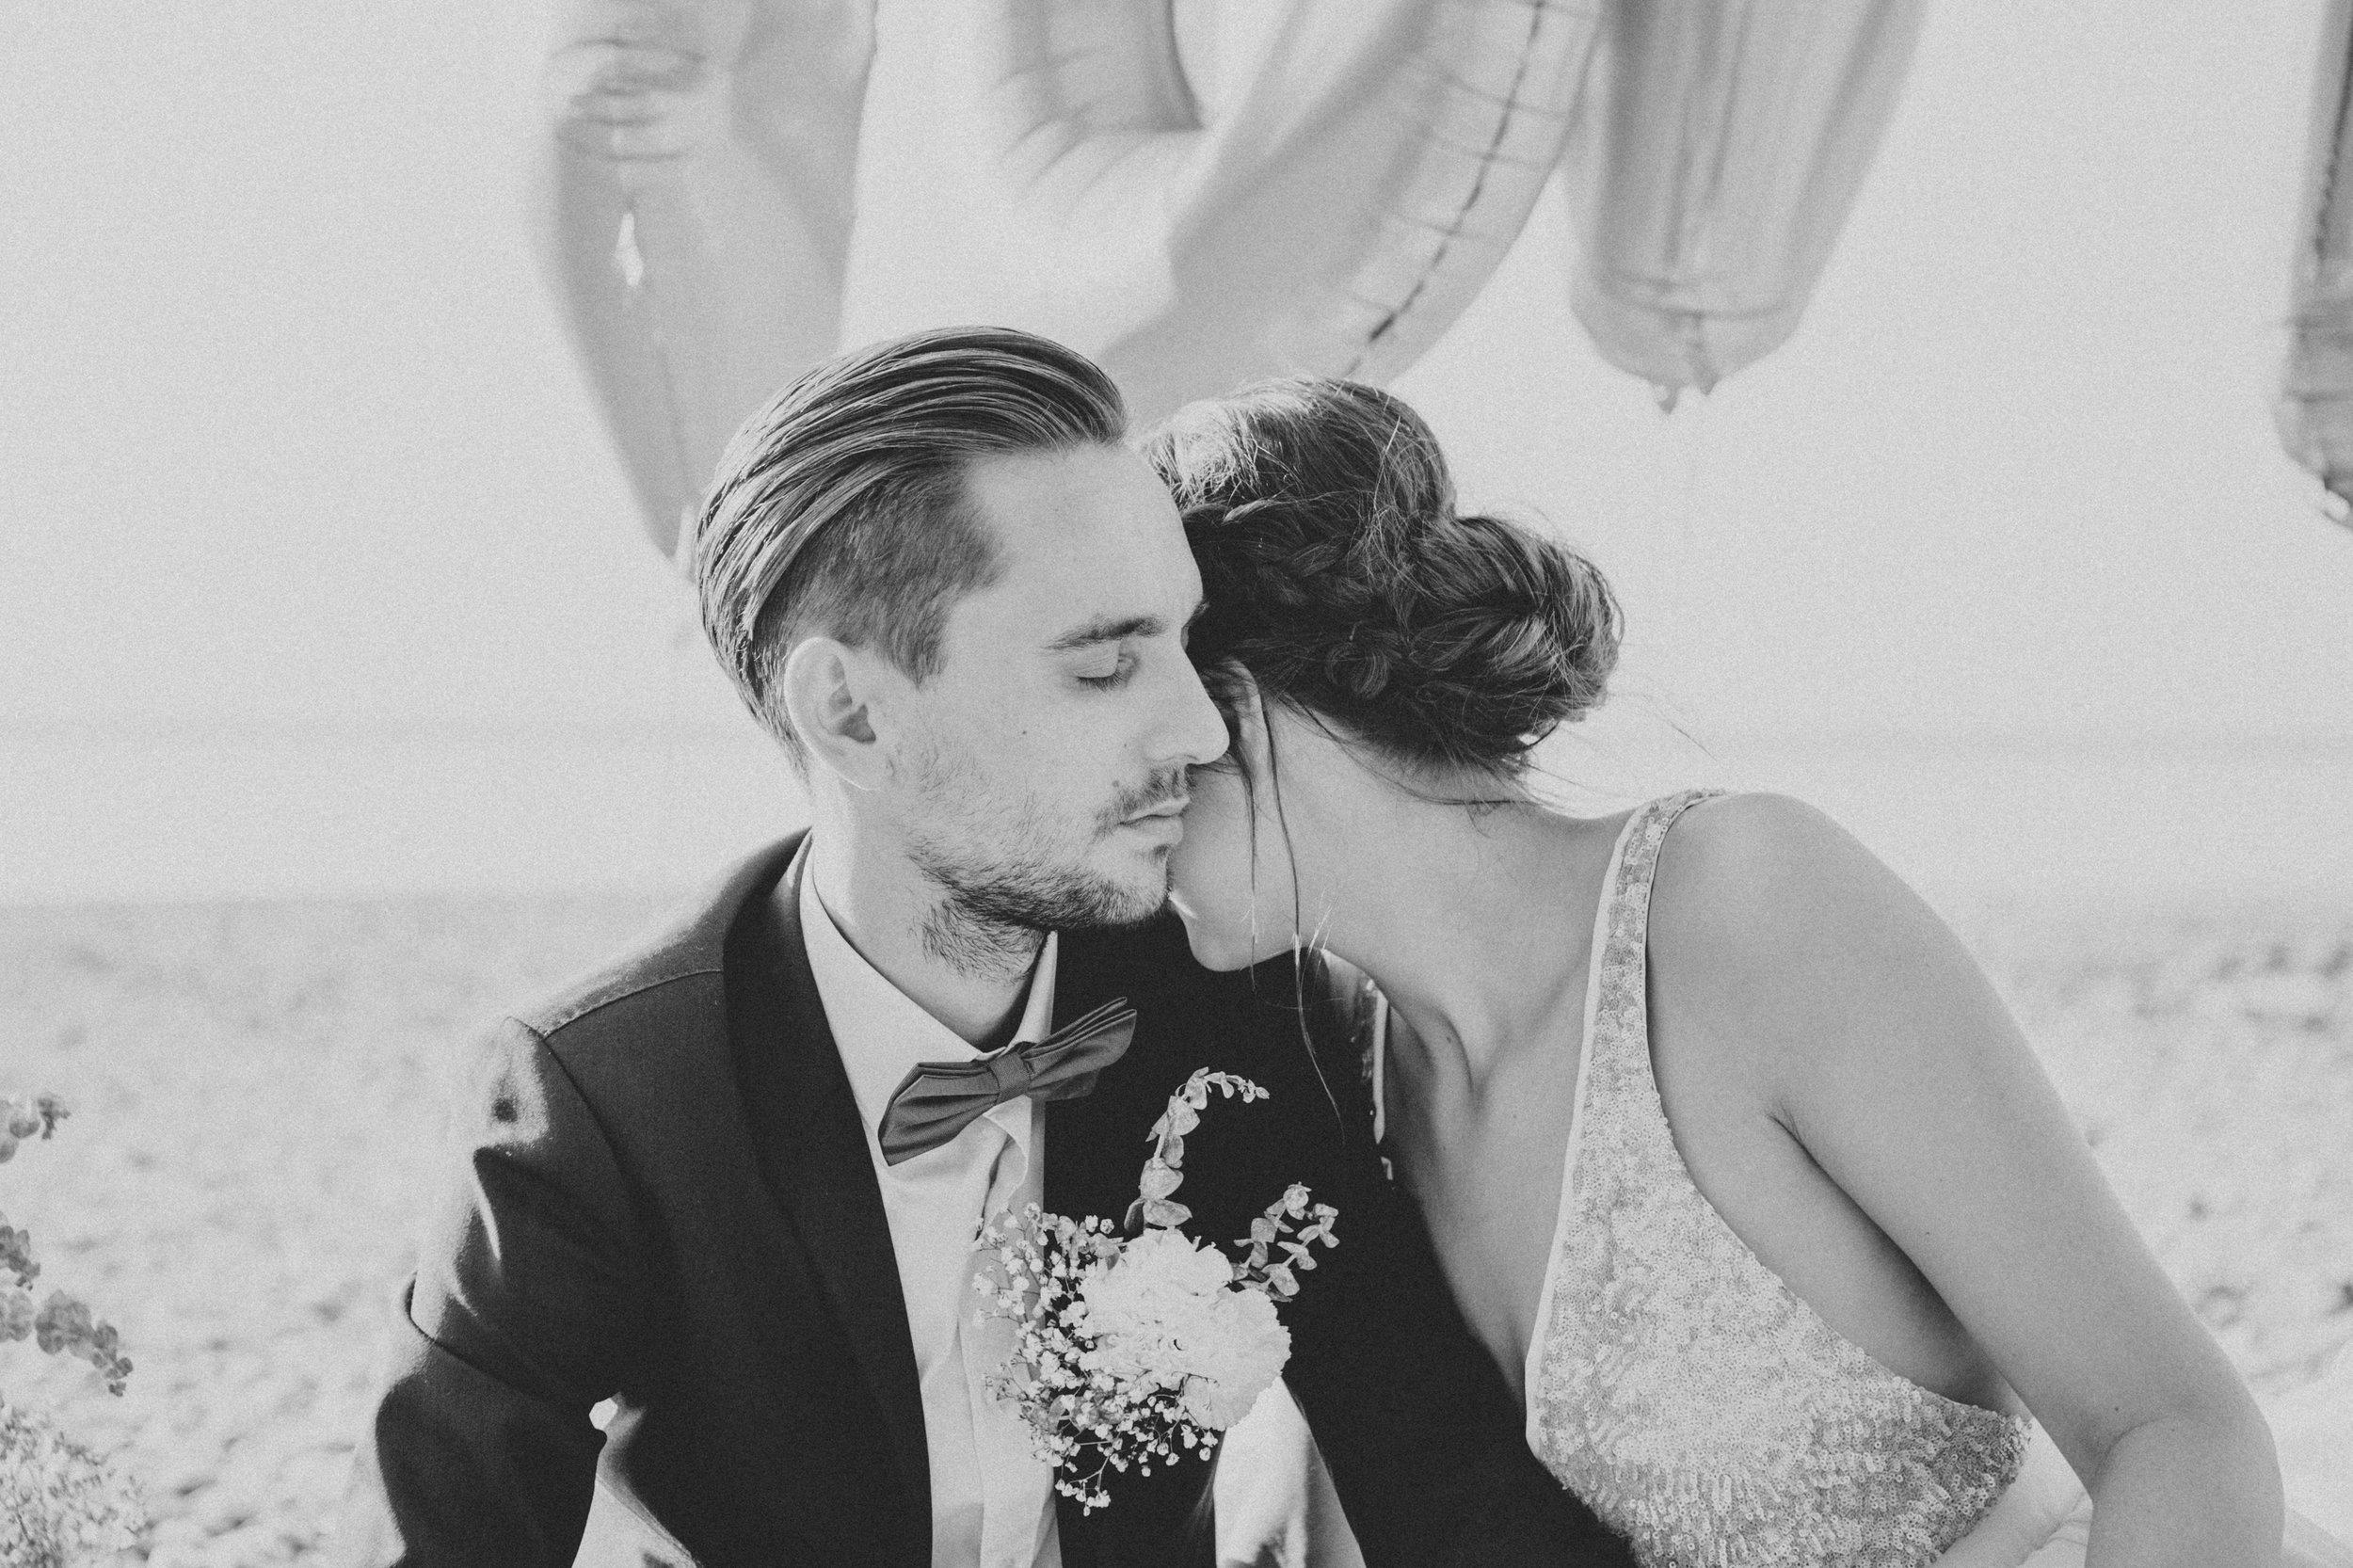 ohella_chiemsee_wedding-34.jpg